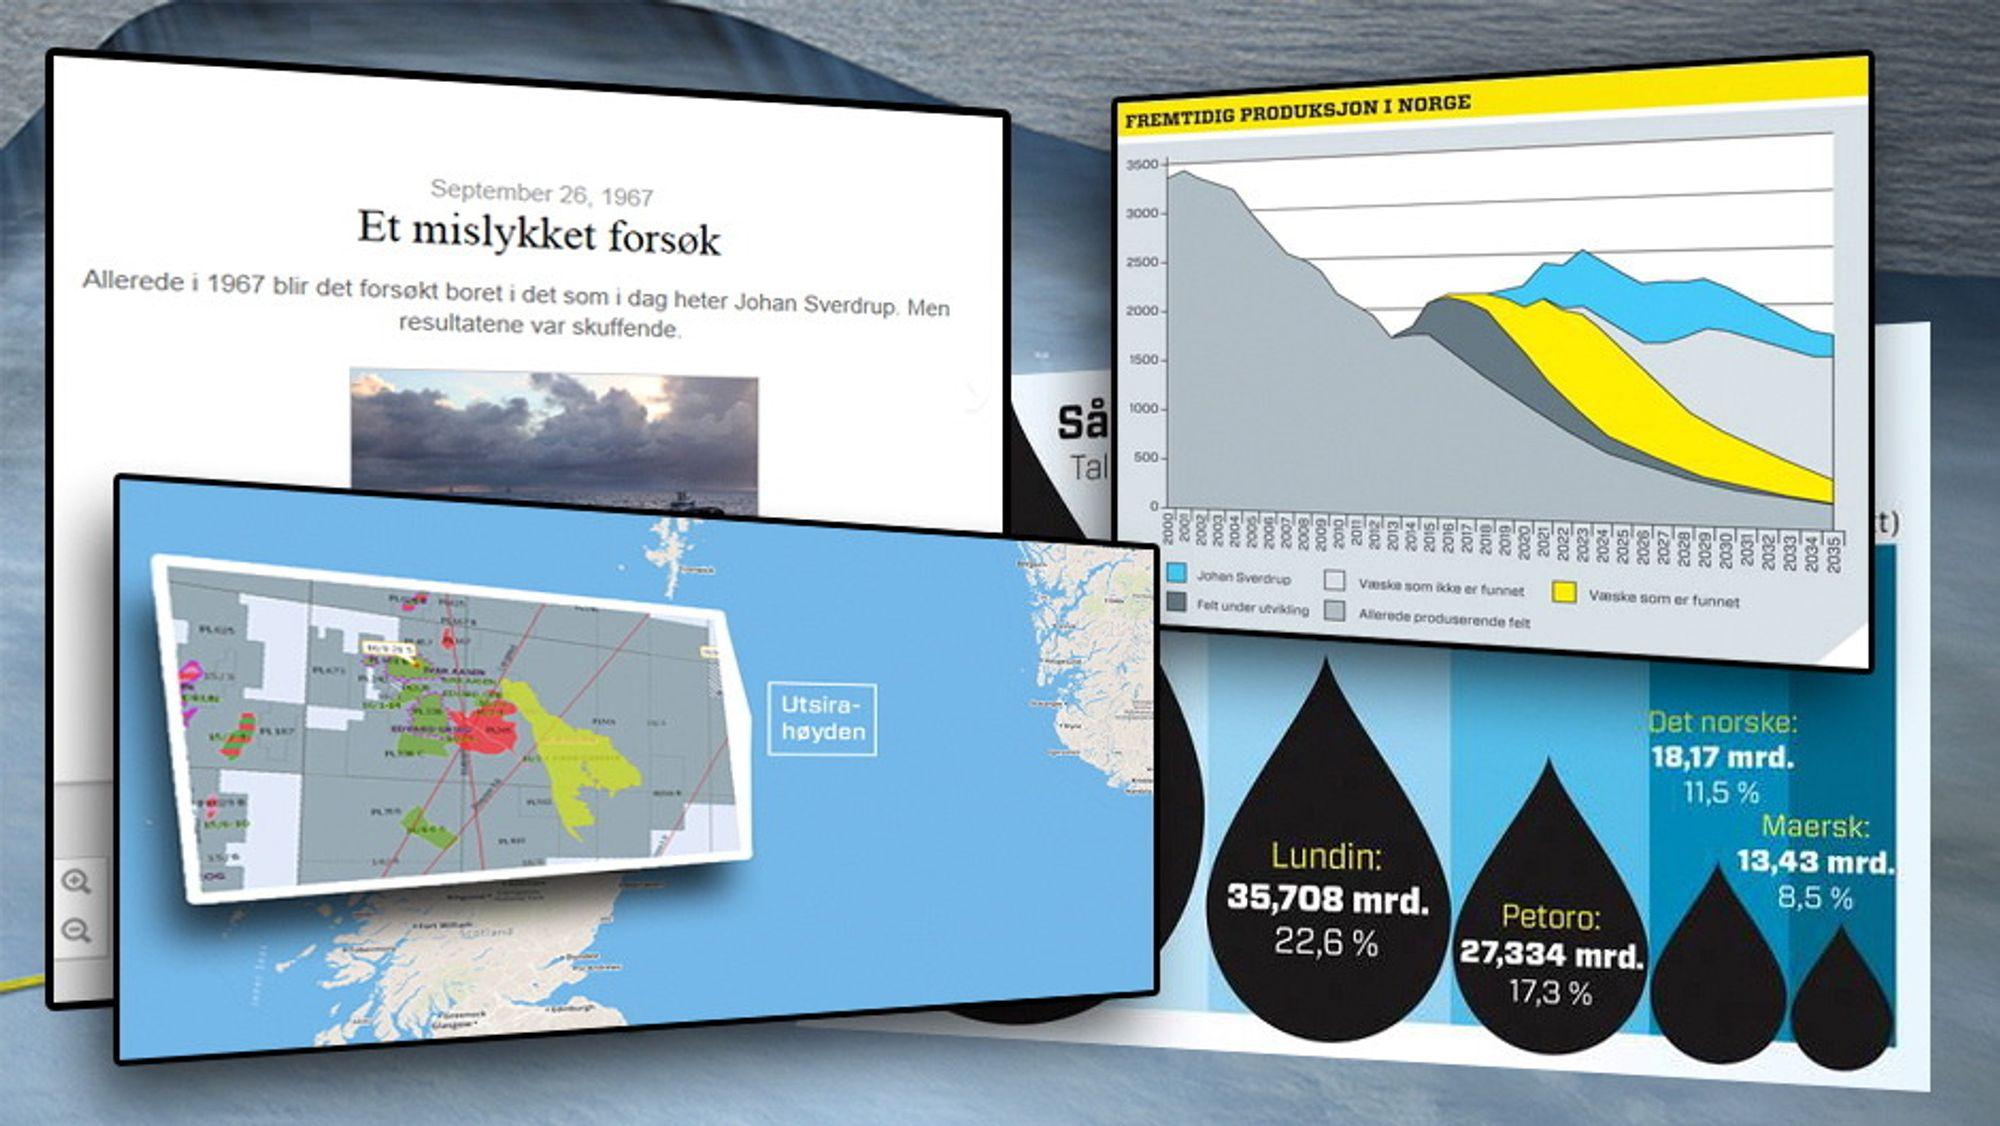 Johan Sverdrup er et av de største industriprosjektene i norsk historie. I disse grafikkene forsøker vi å vise hvorfor det er så viktig både for olje- og leverandørindustrien.